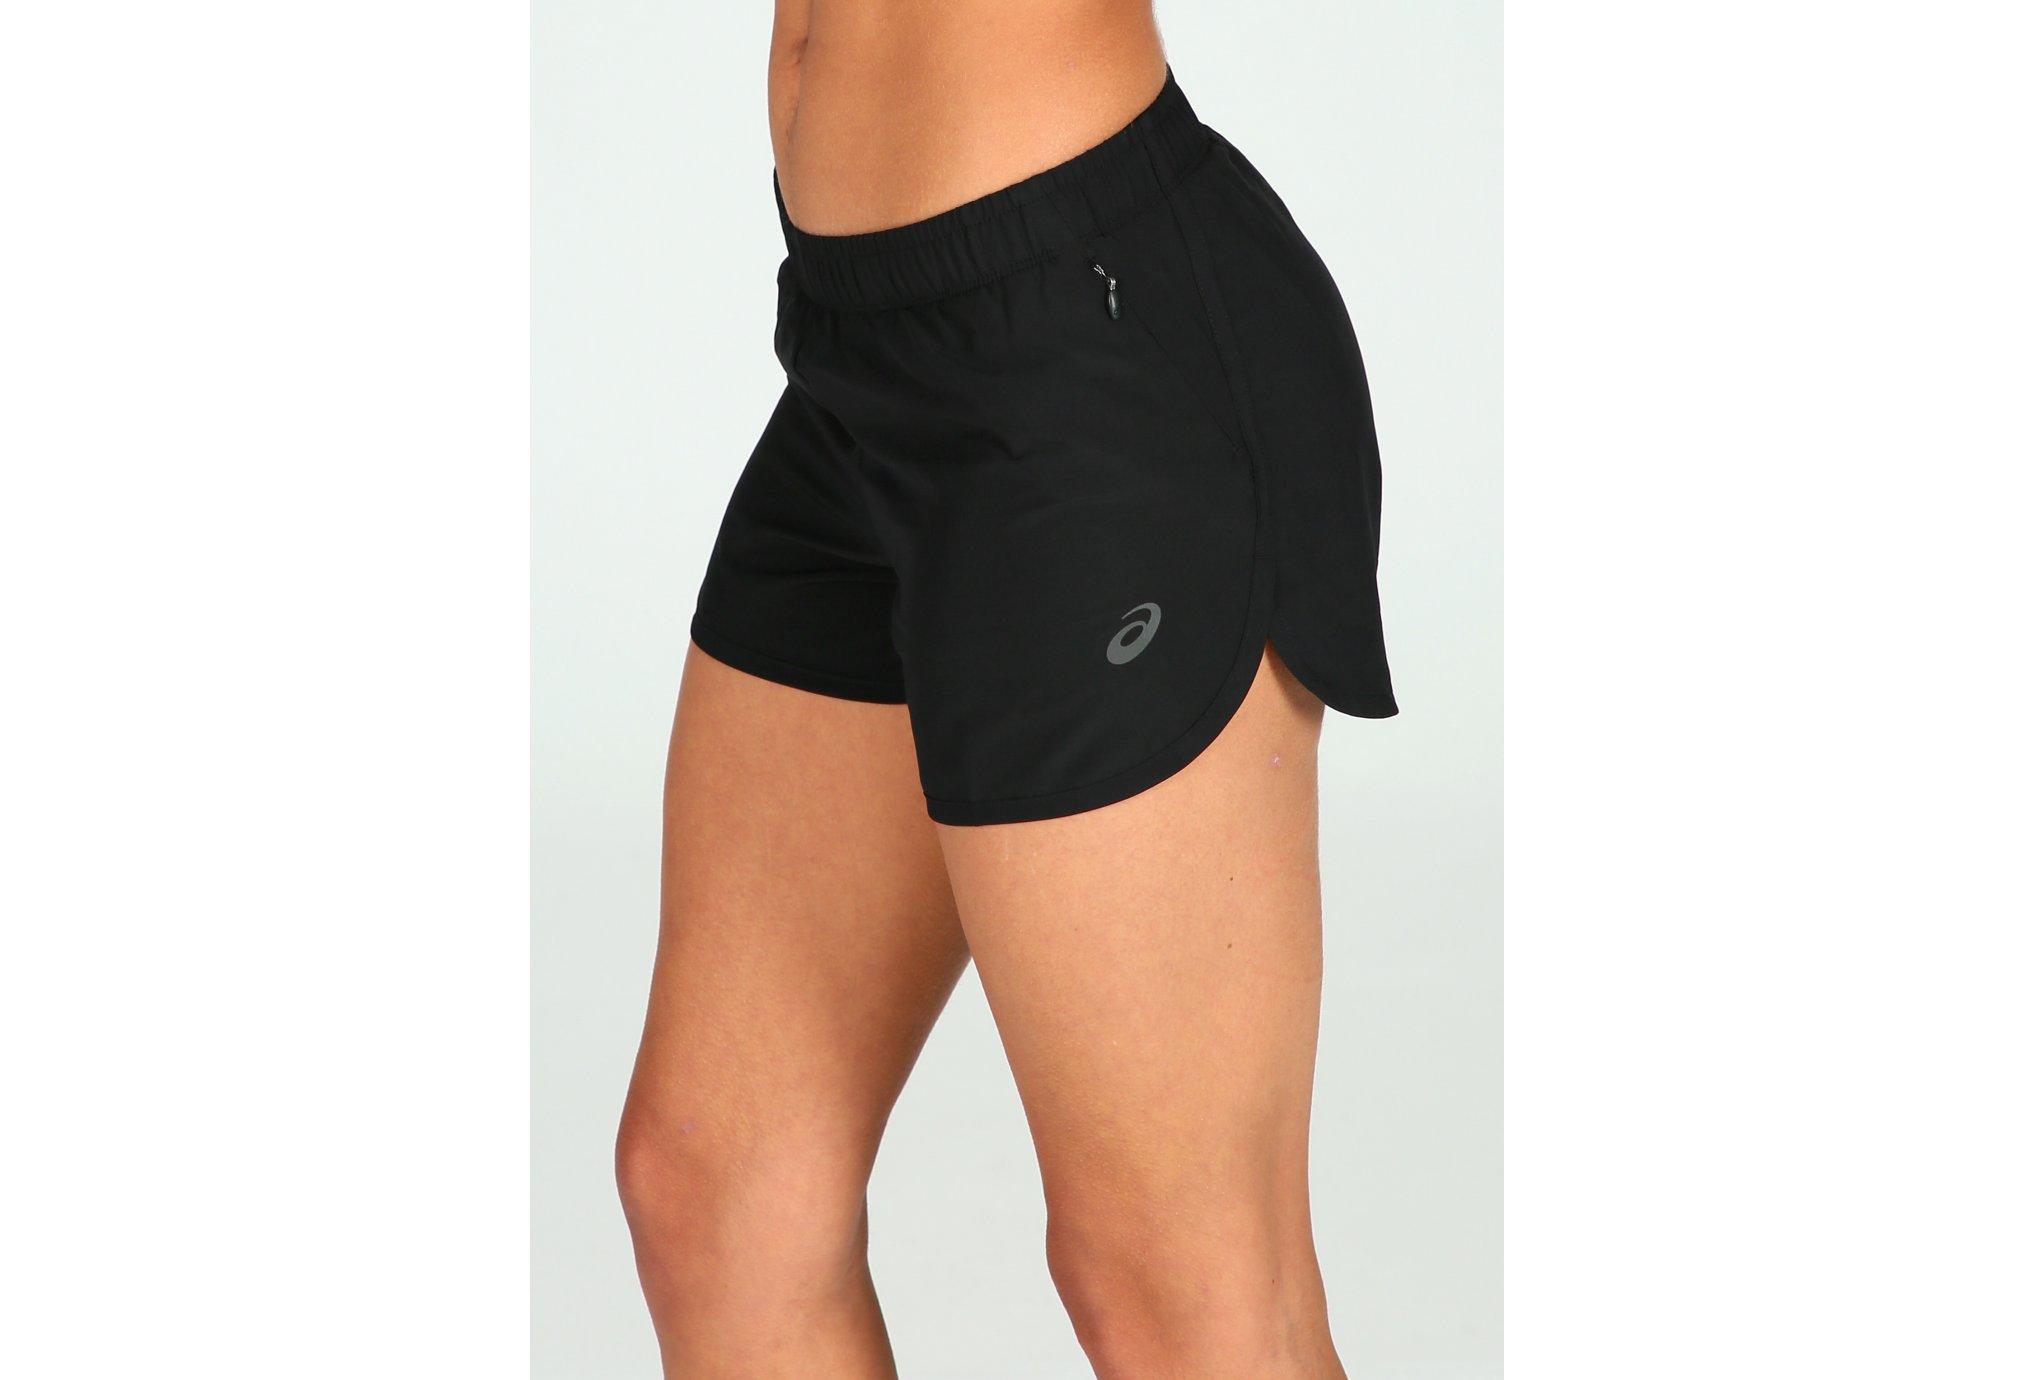 Asics 3.5 Inch W Diététique Vêtements femme